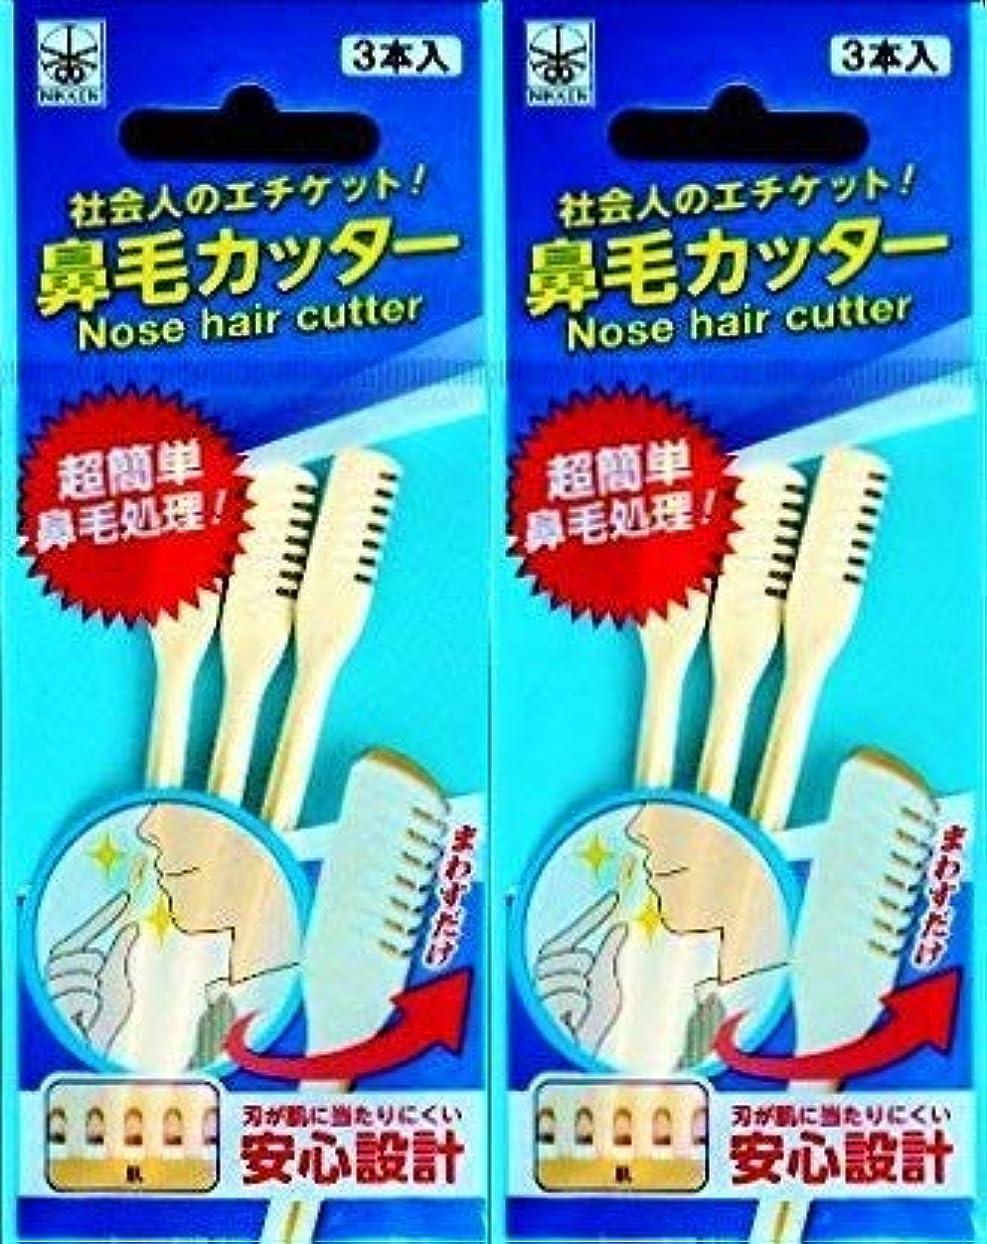 コミットメント掃く高音鼻毛カッター 3本入 2袋セット